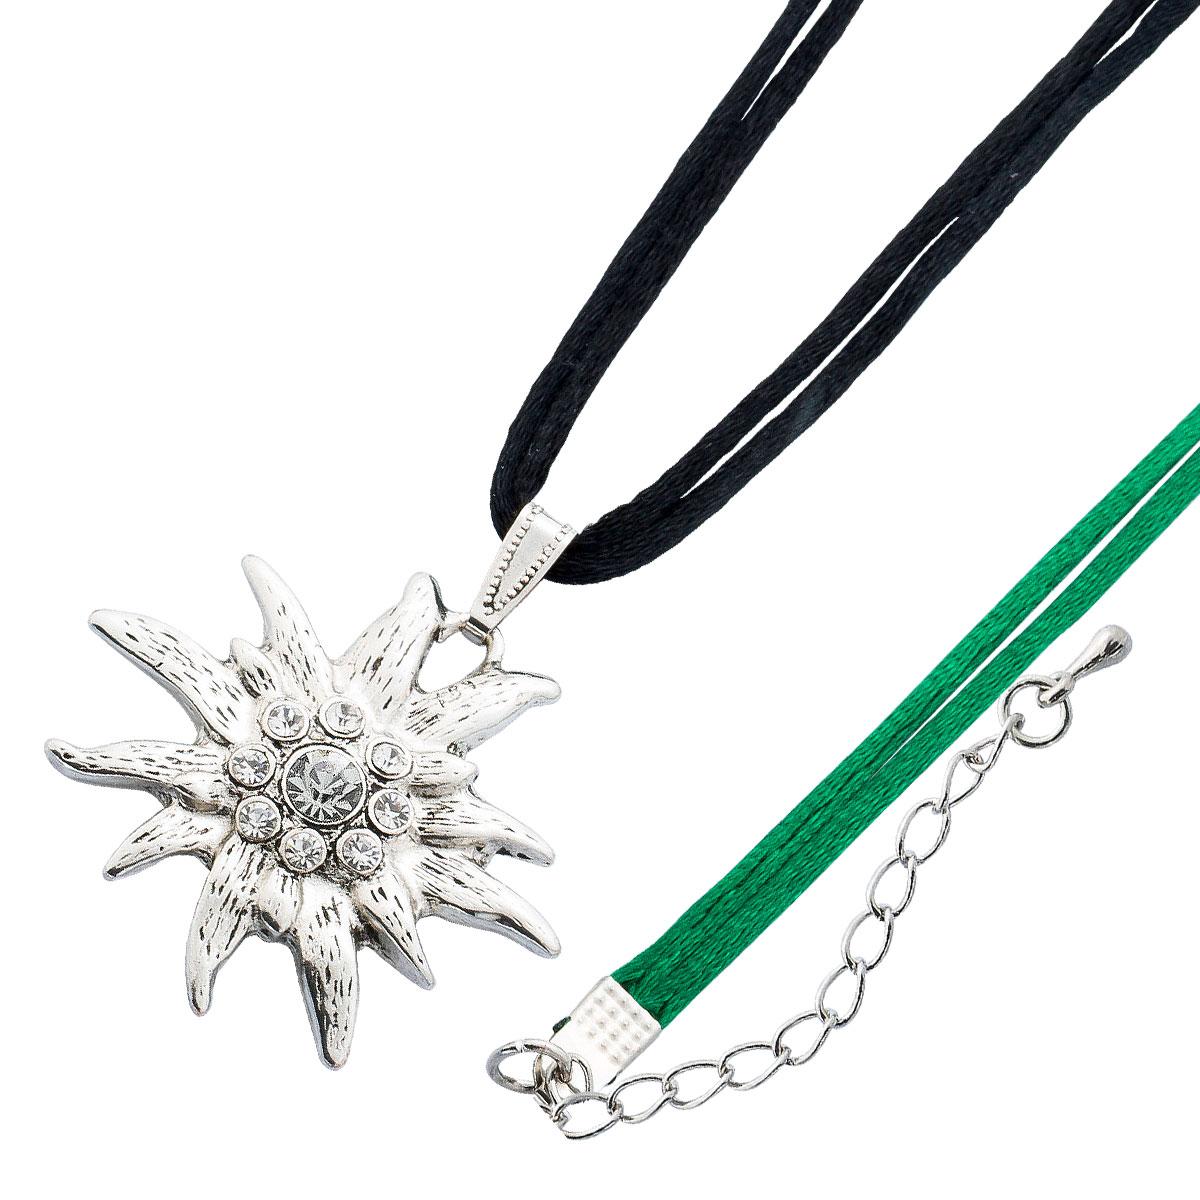 Crystal Blue Trachtenschmuck Trachtenkette Kette Edelweiss schwarz grün Dirndl Schmuck Kristalle 38 259067038